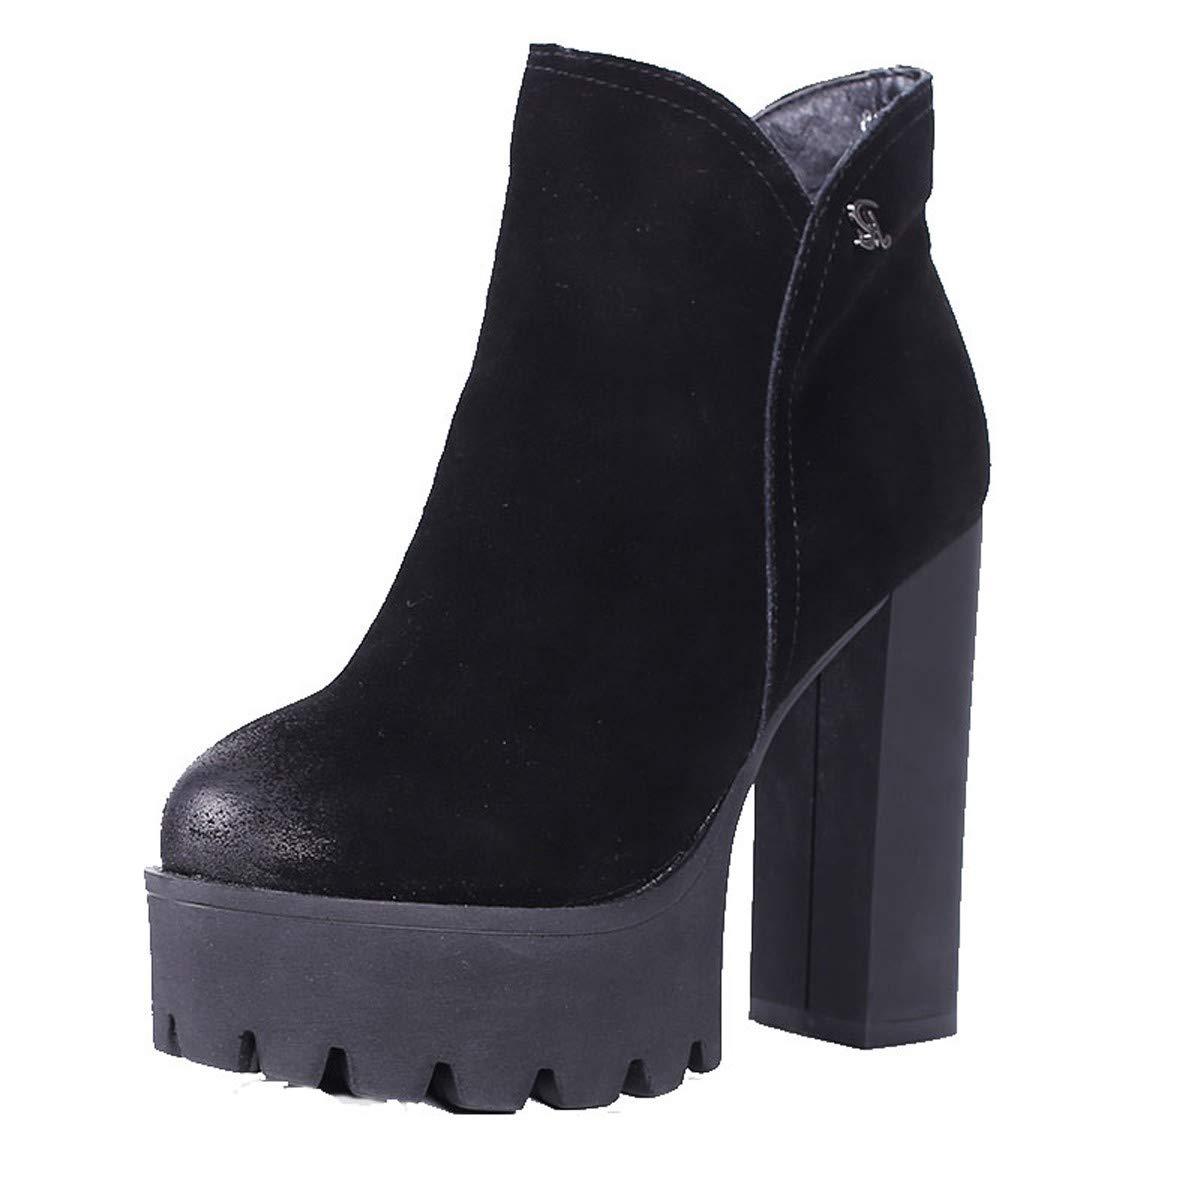 LBTSQ-Leder Runden Kopf Dicke Sohle Wasserdicht 12Cm Patchwork-Mode High-Heel Schuhe Martin Stiefel Temperament Patchwork